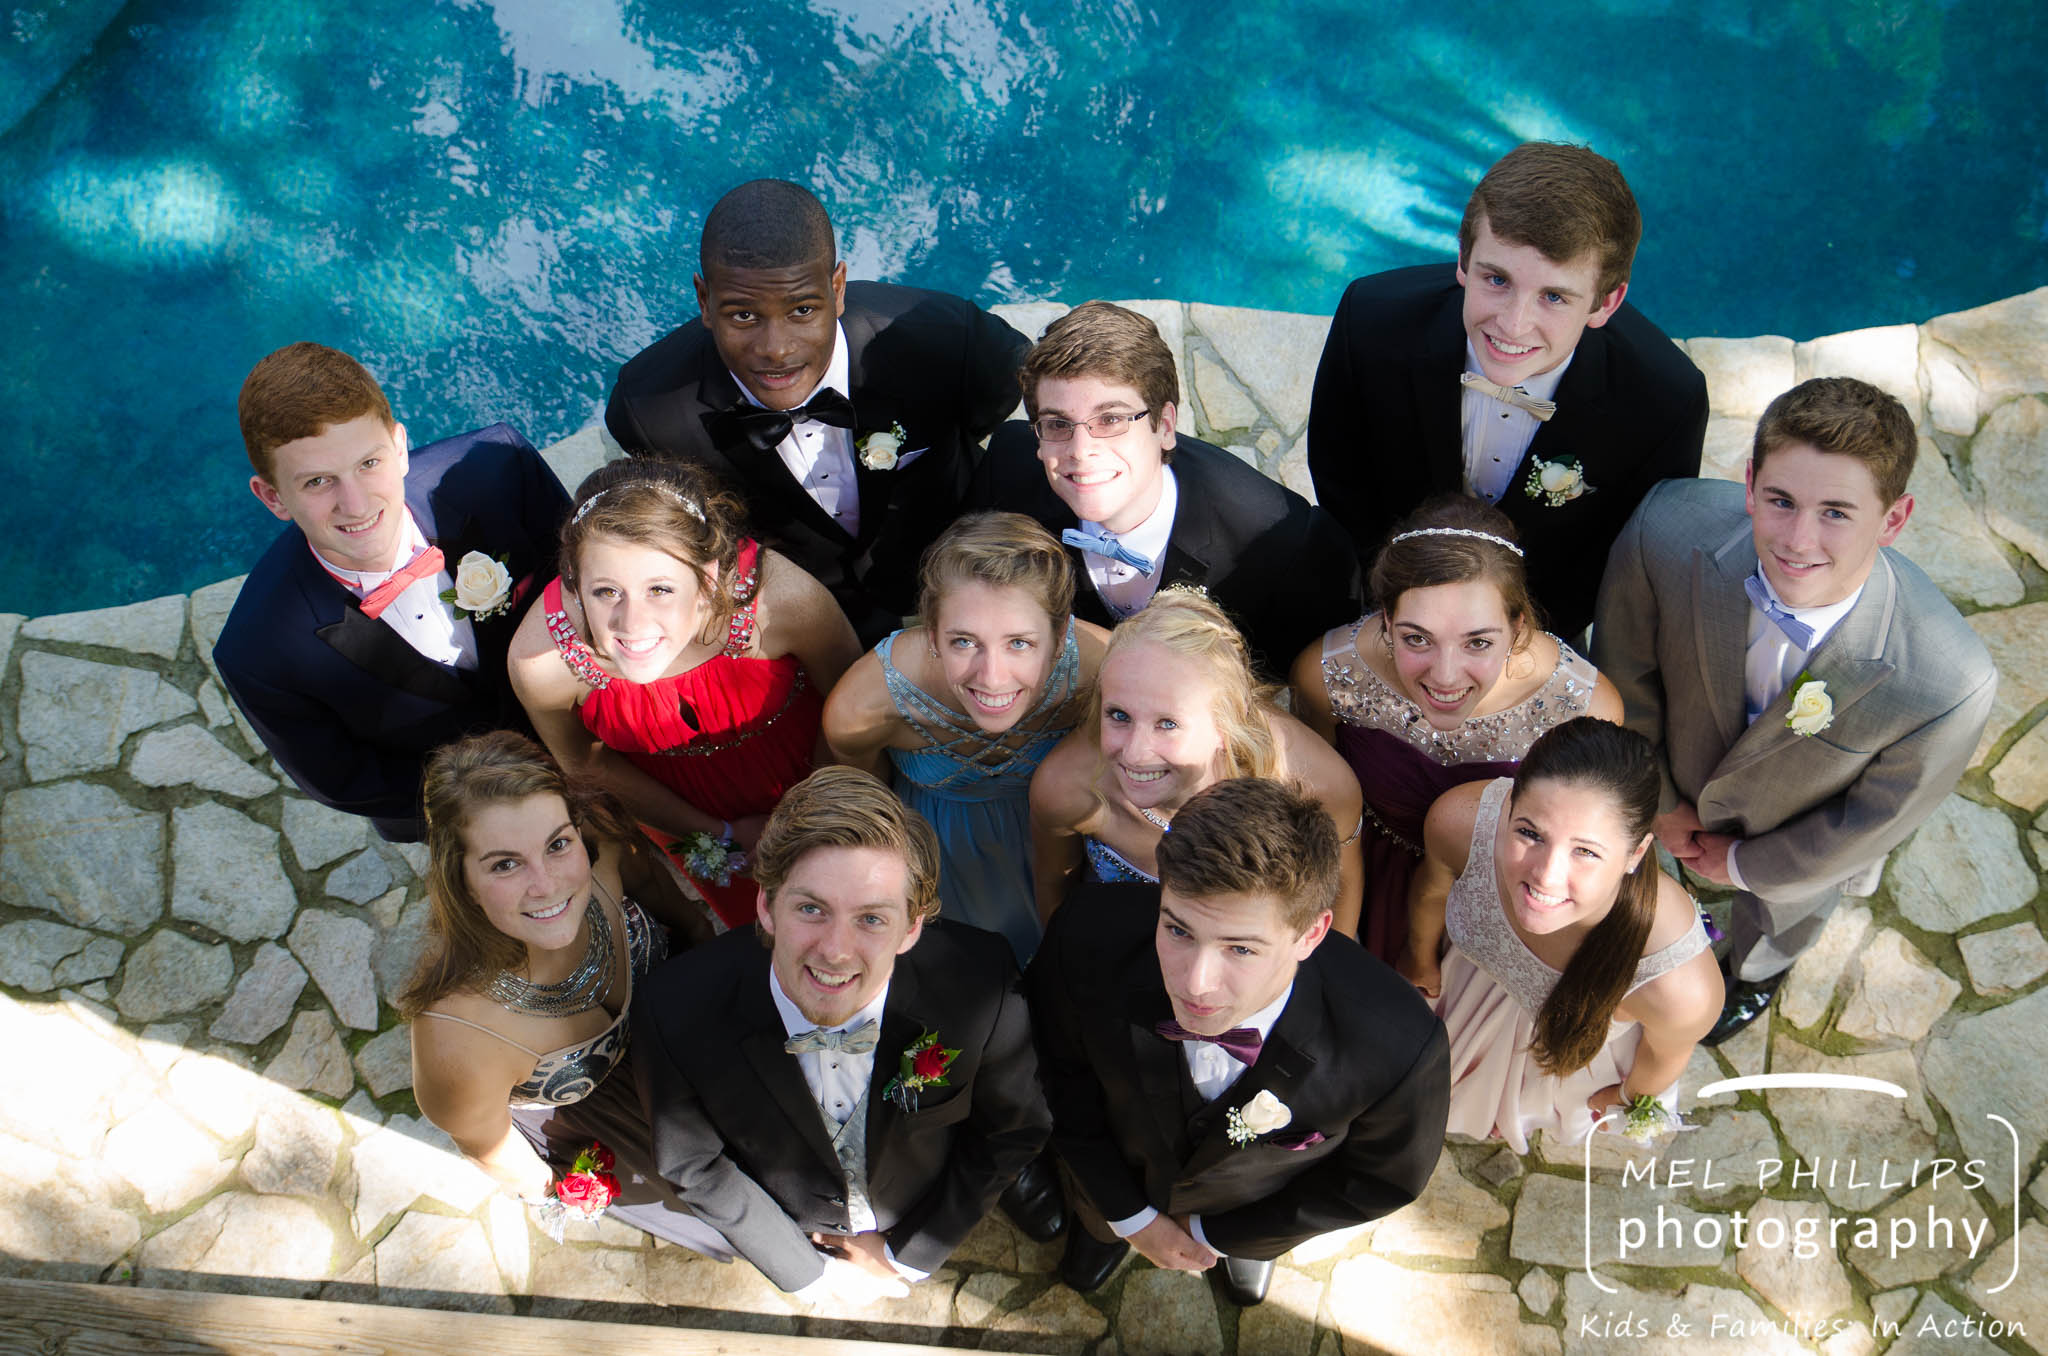 MelPhillilpsPHoto-Prom2015--7122.jpg